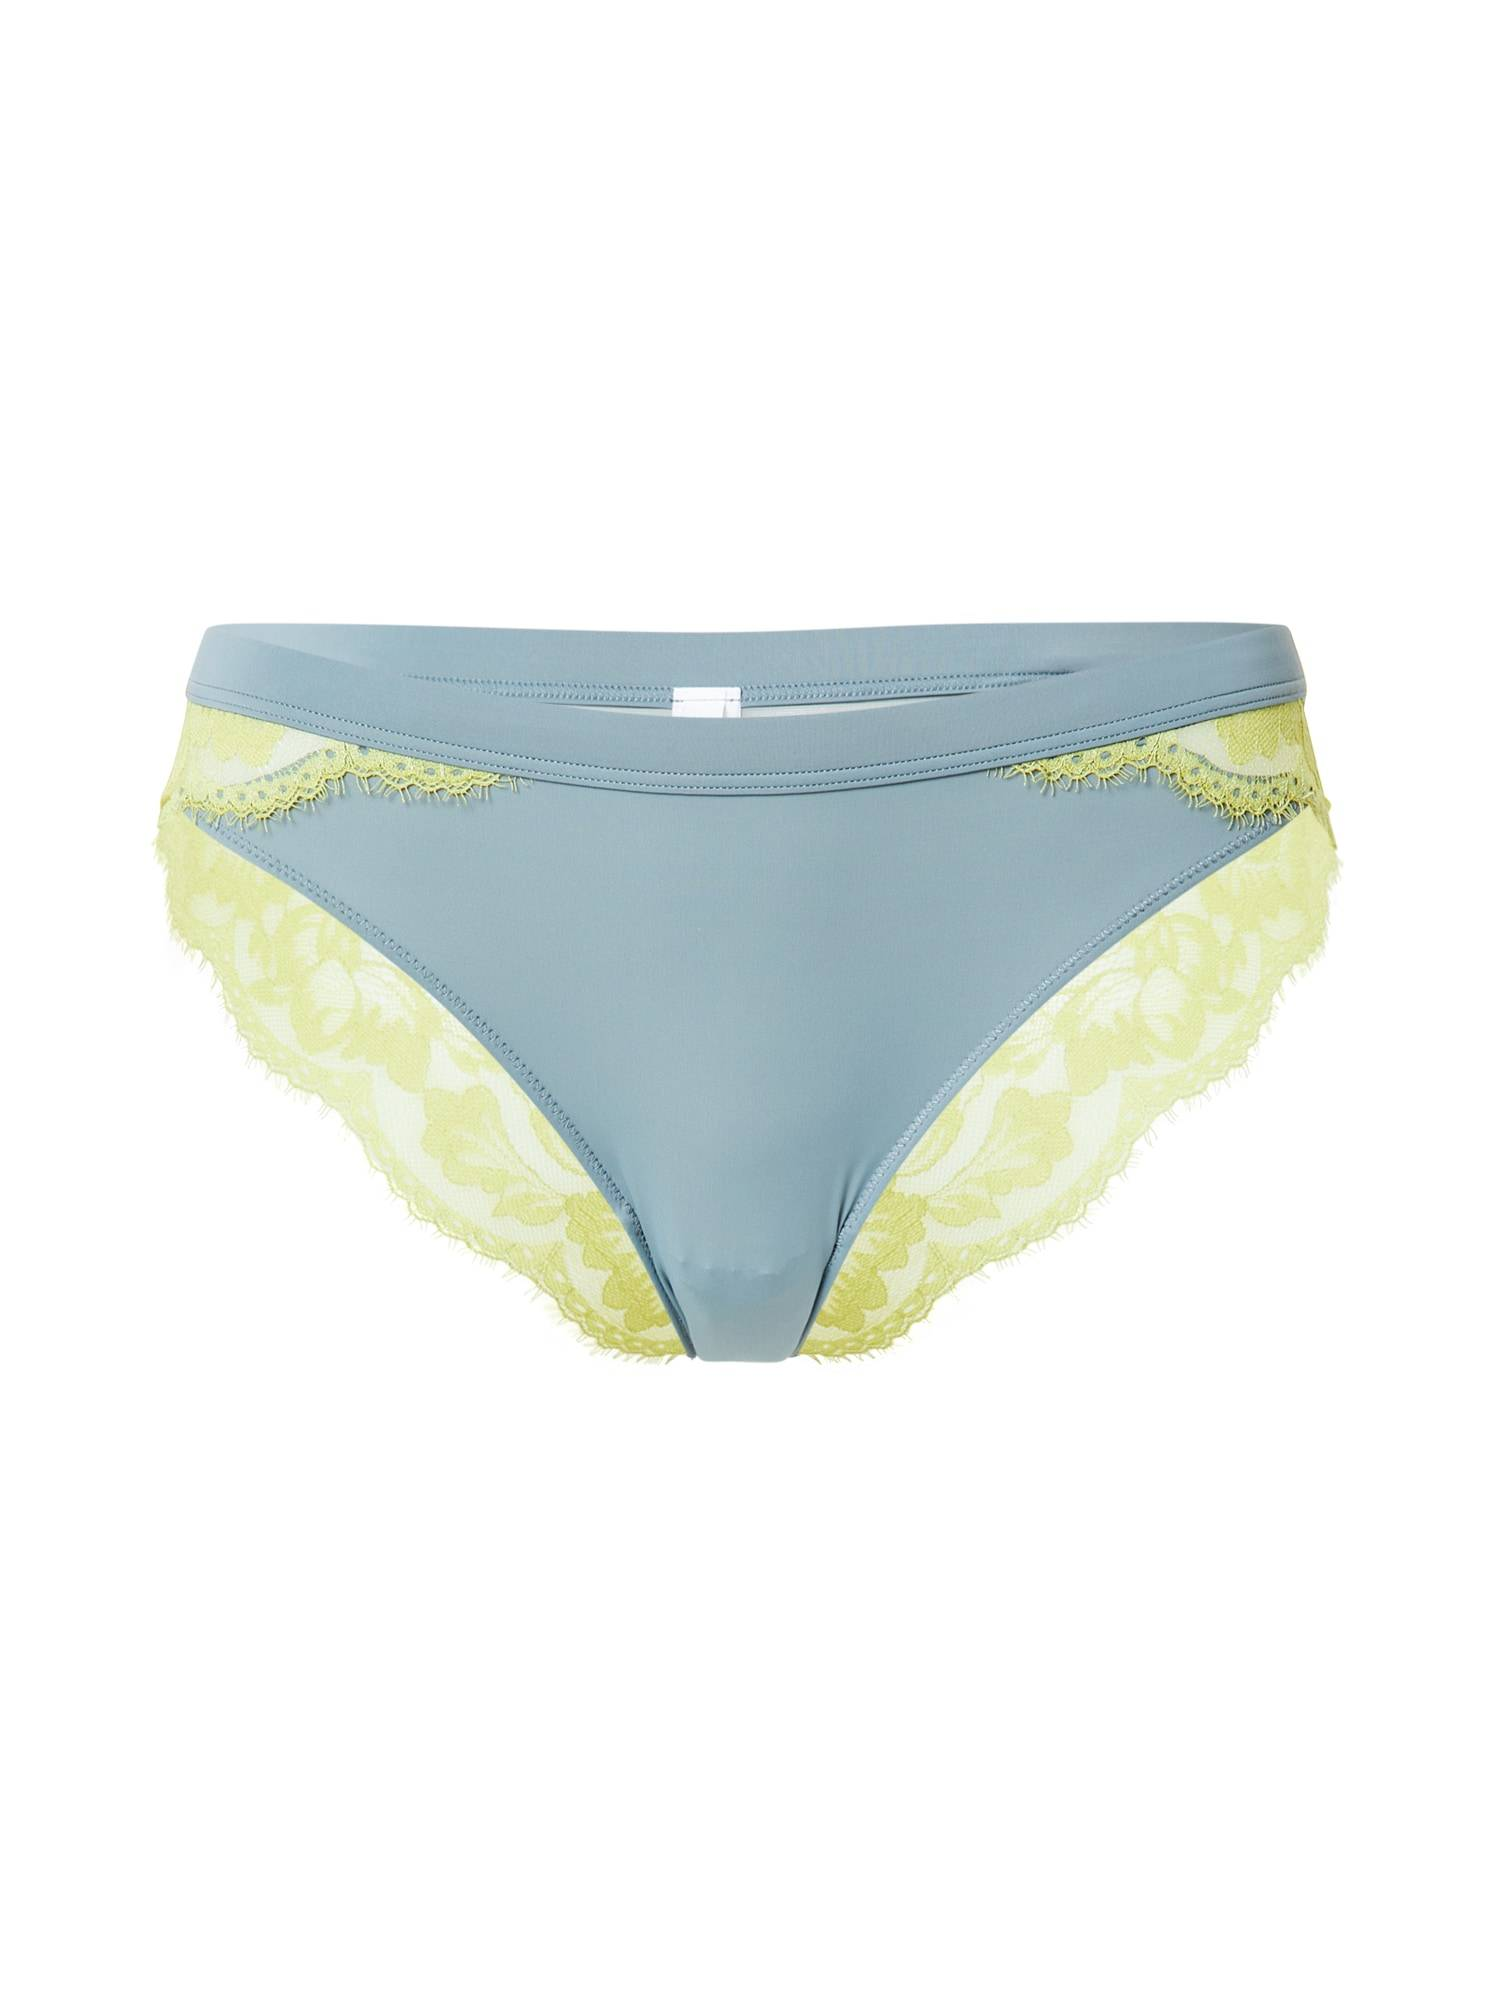 Mey Slip 'Brasil'  - Vert - Taille: M - female